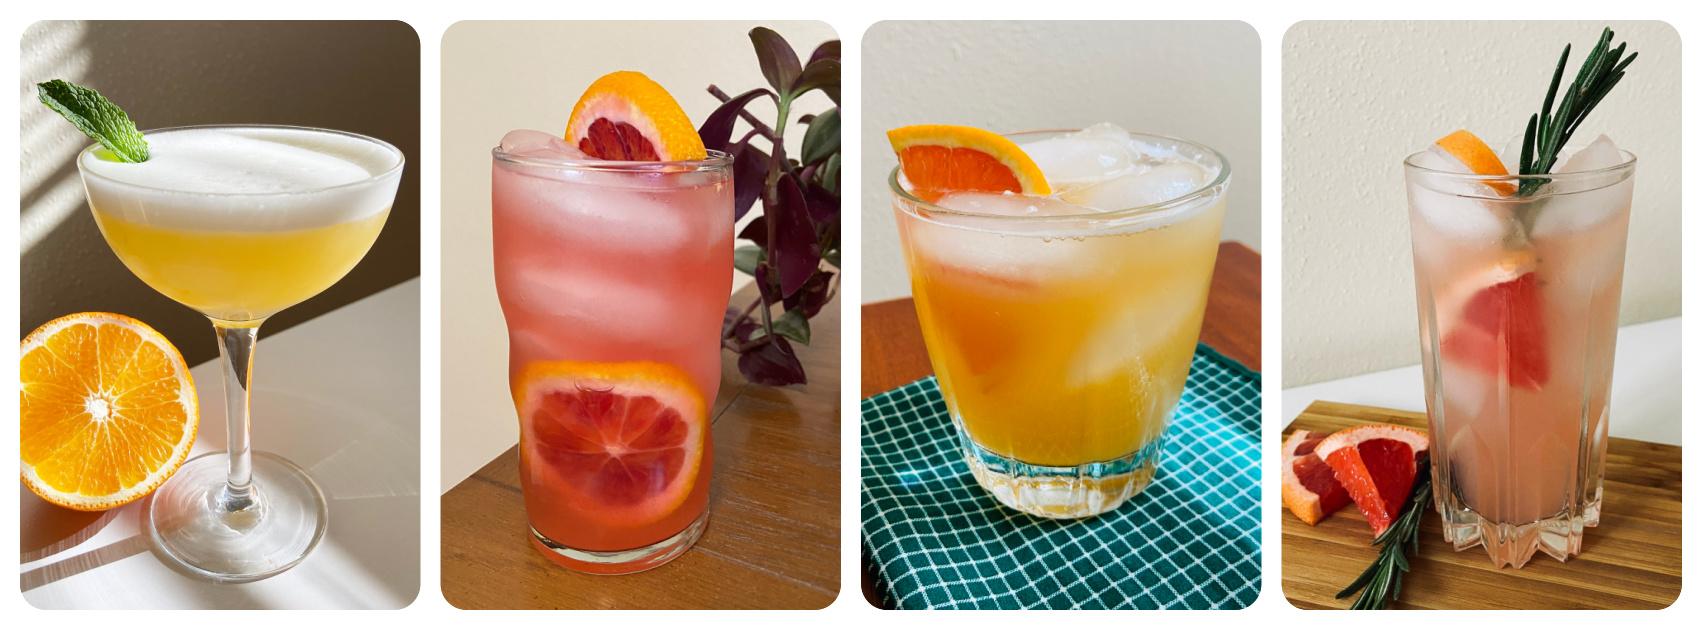 Winter Citrus Cocktail Recipes